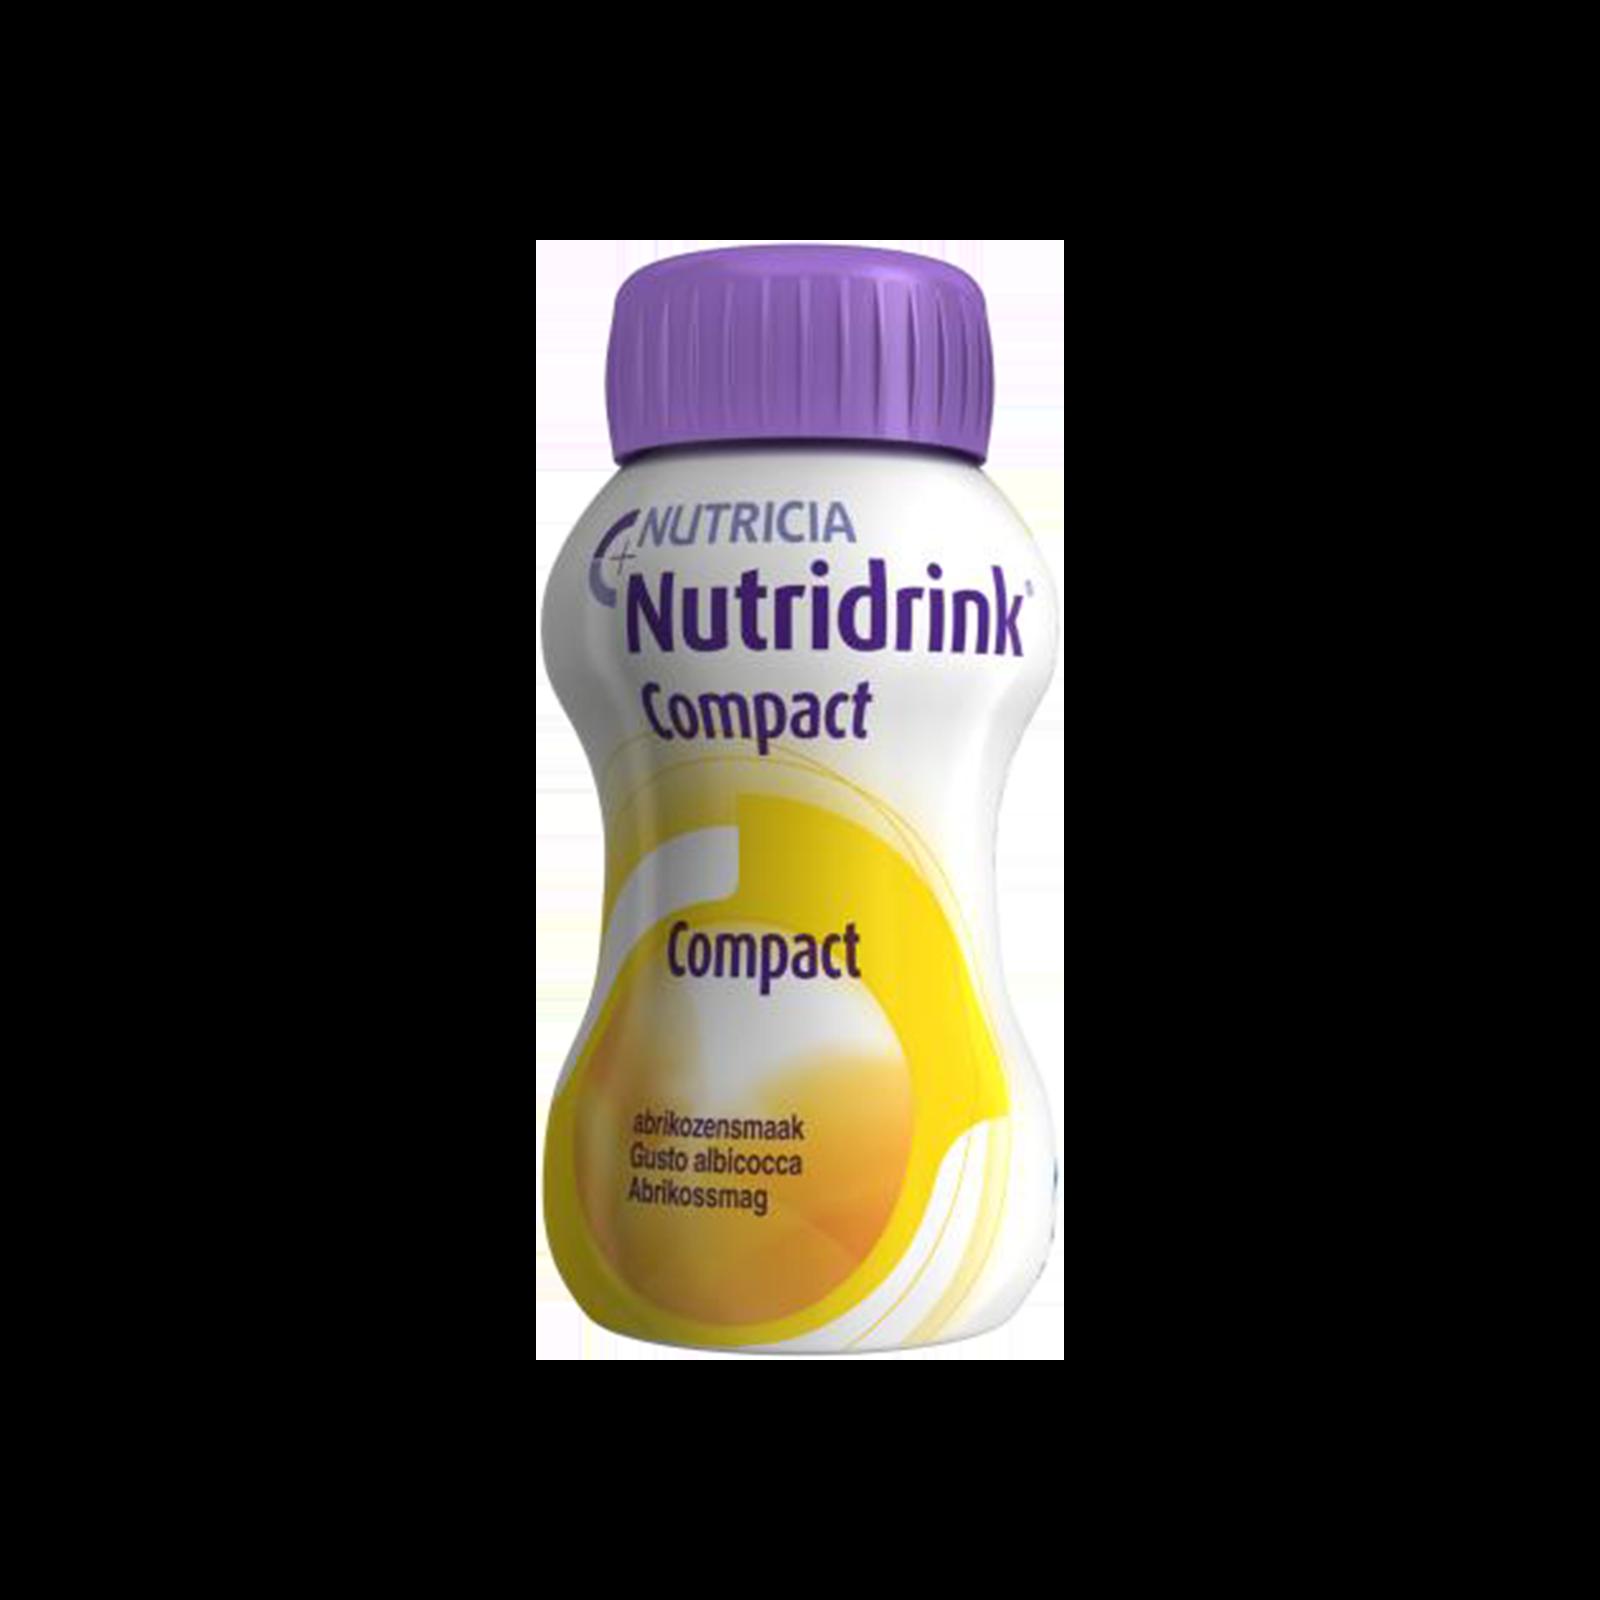 Nutridrink Compact albicocca 24x Bottiglia 125 ml | Nutricia